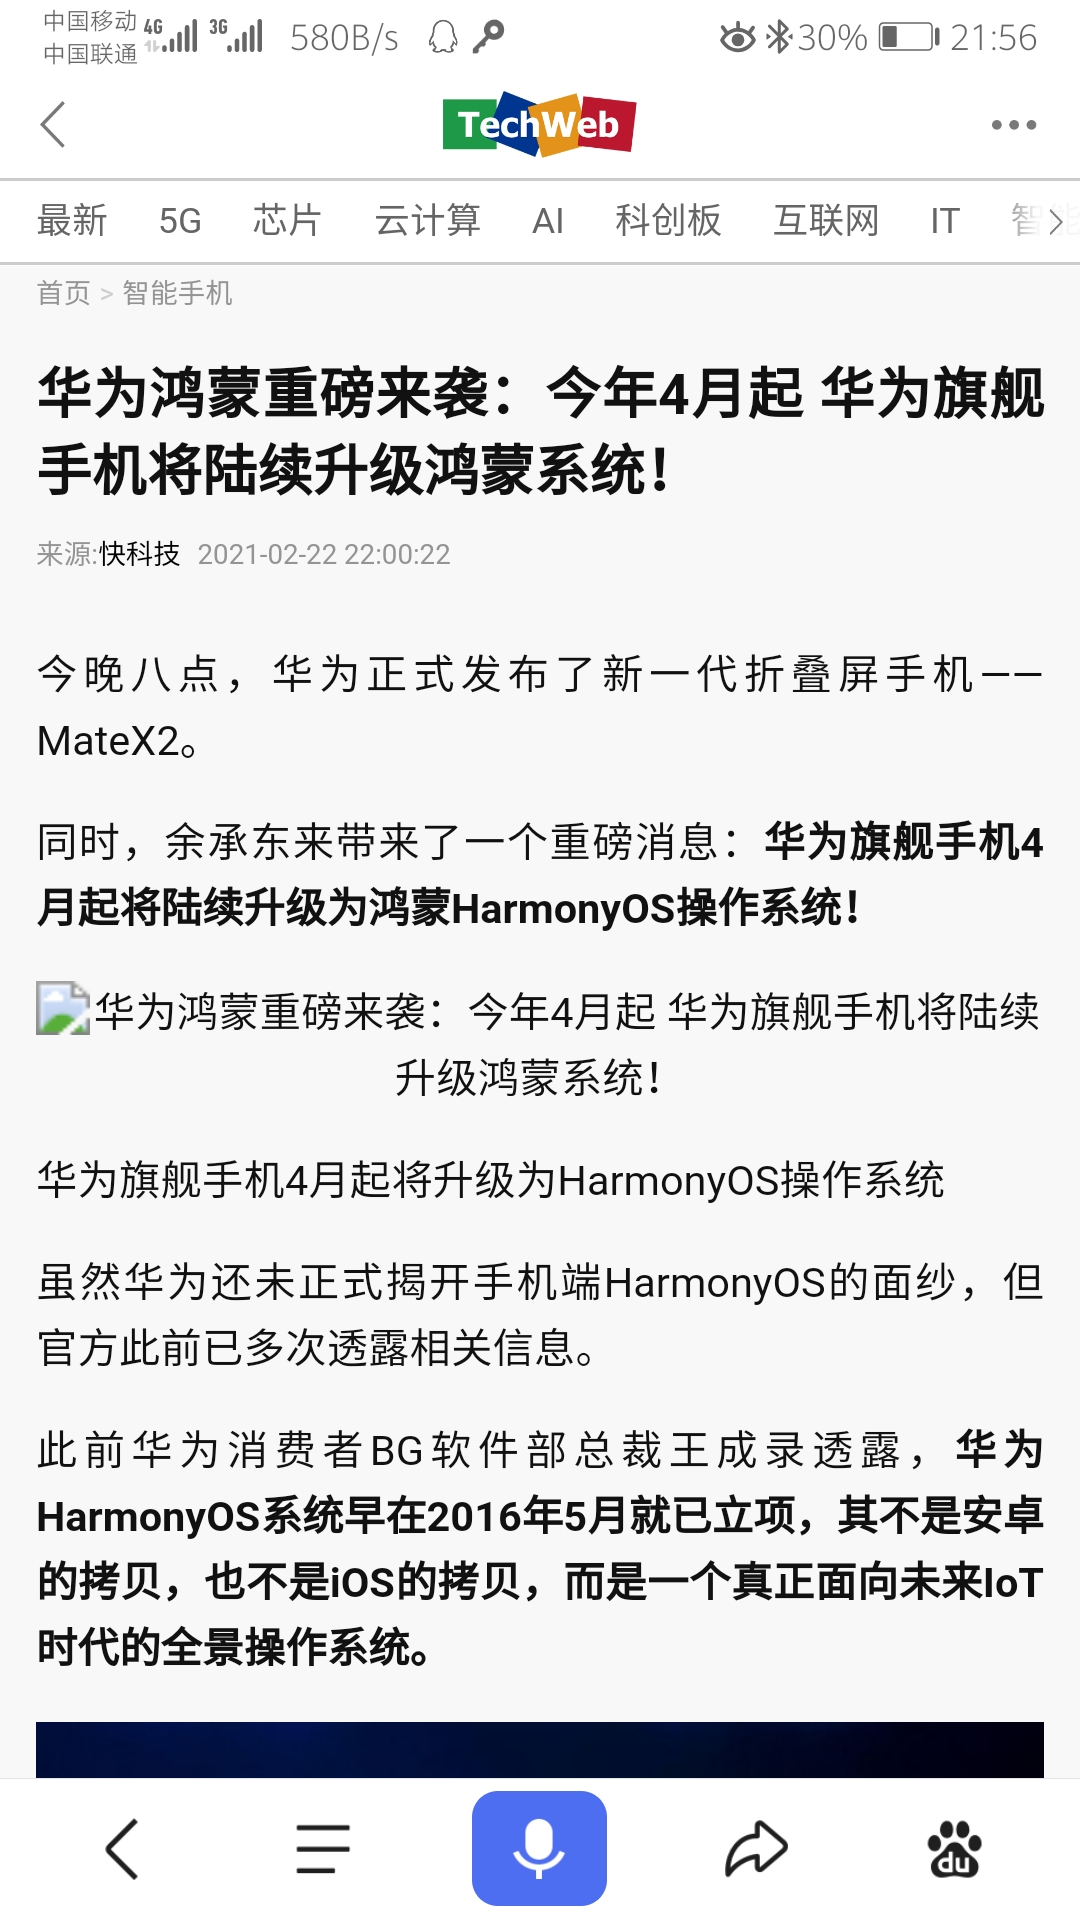 Screenshot_20210303_215700_com.baidu.searchbox.jpg